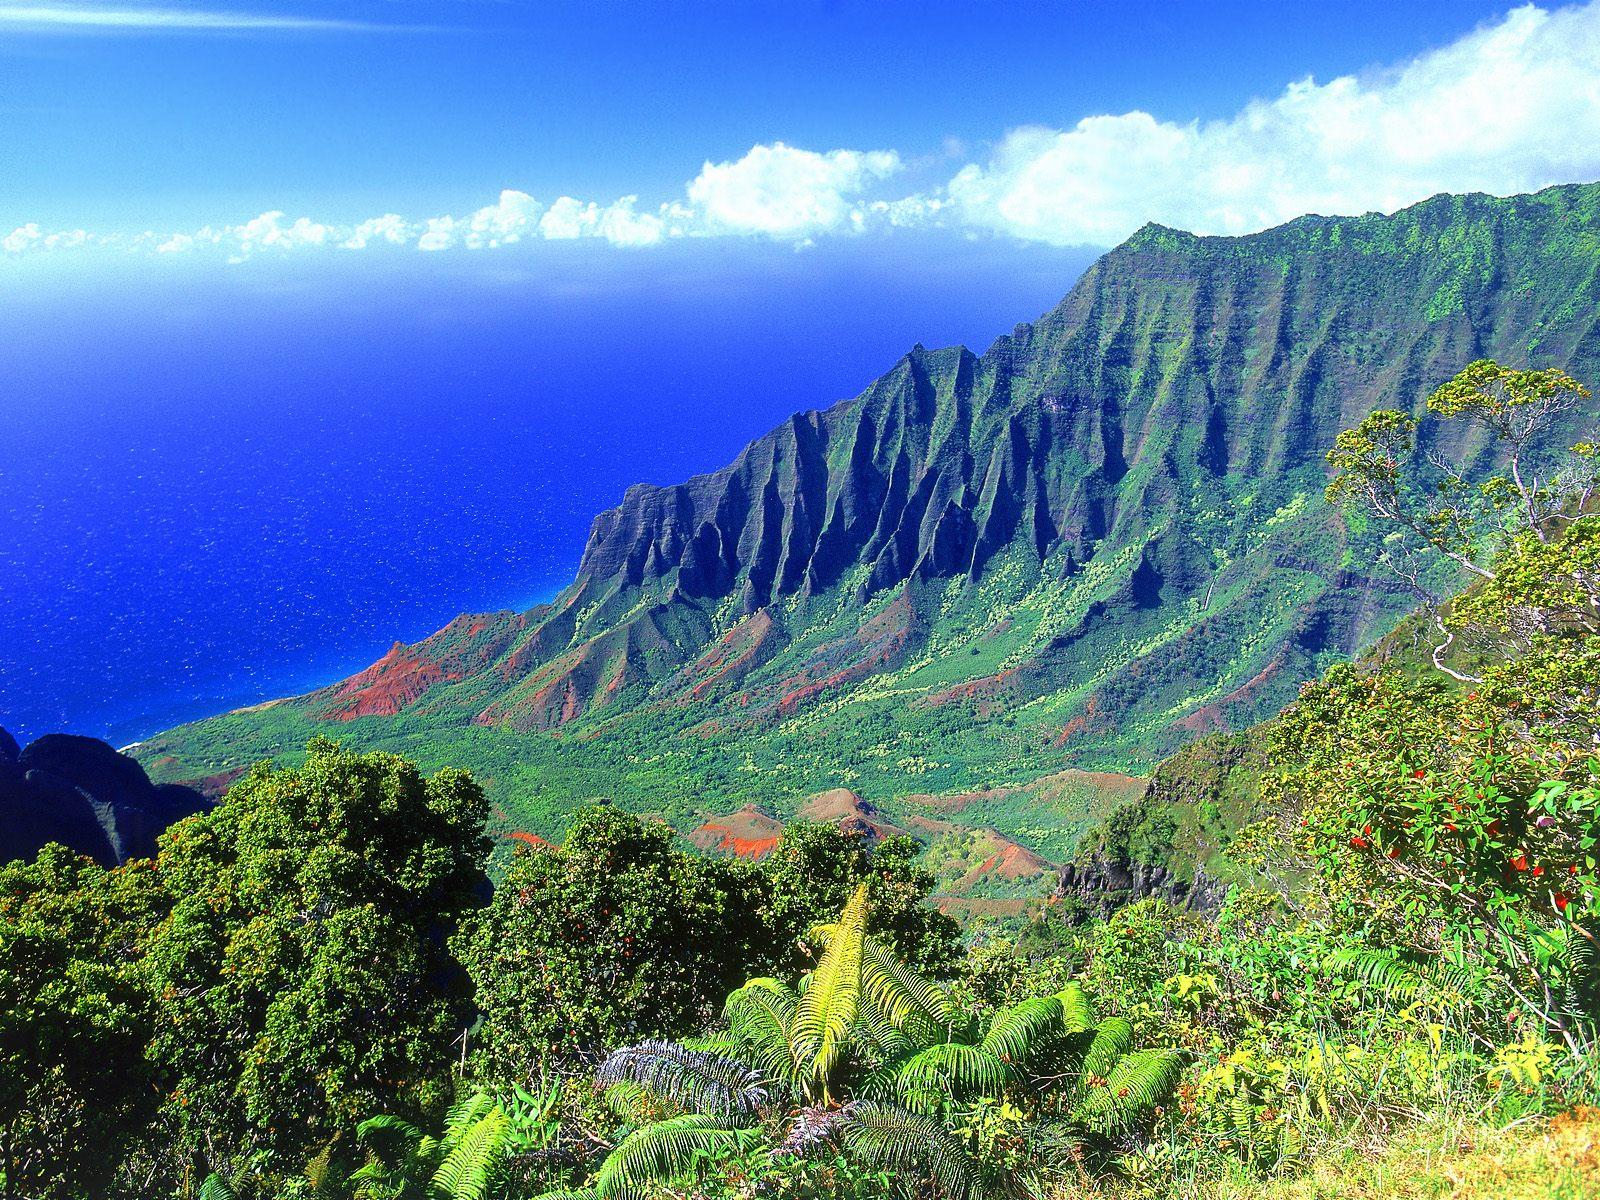 hawaii island wallpaper 1600x1200